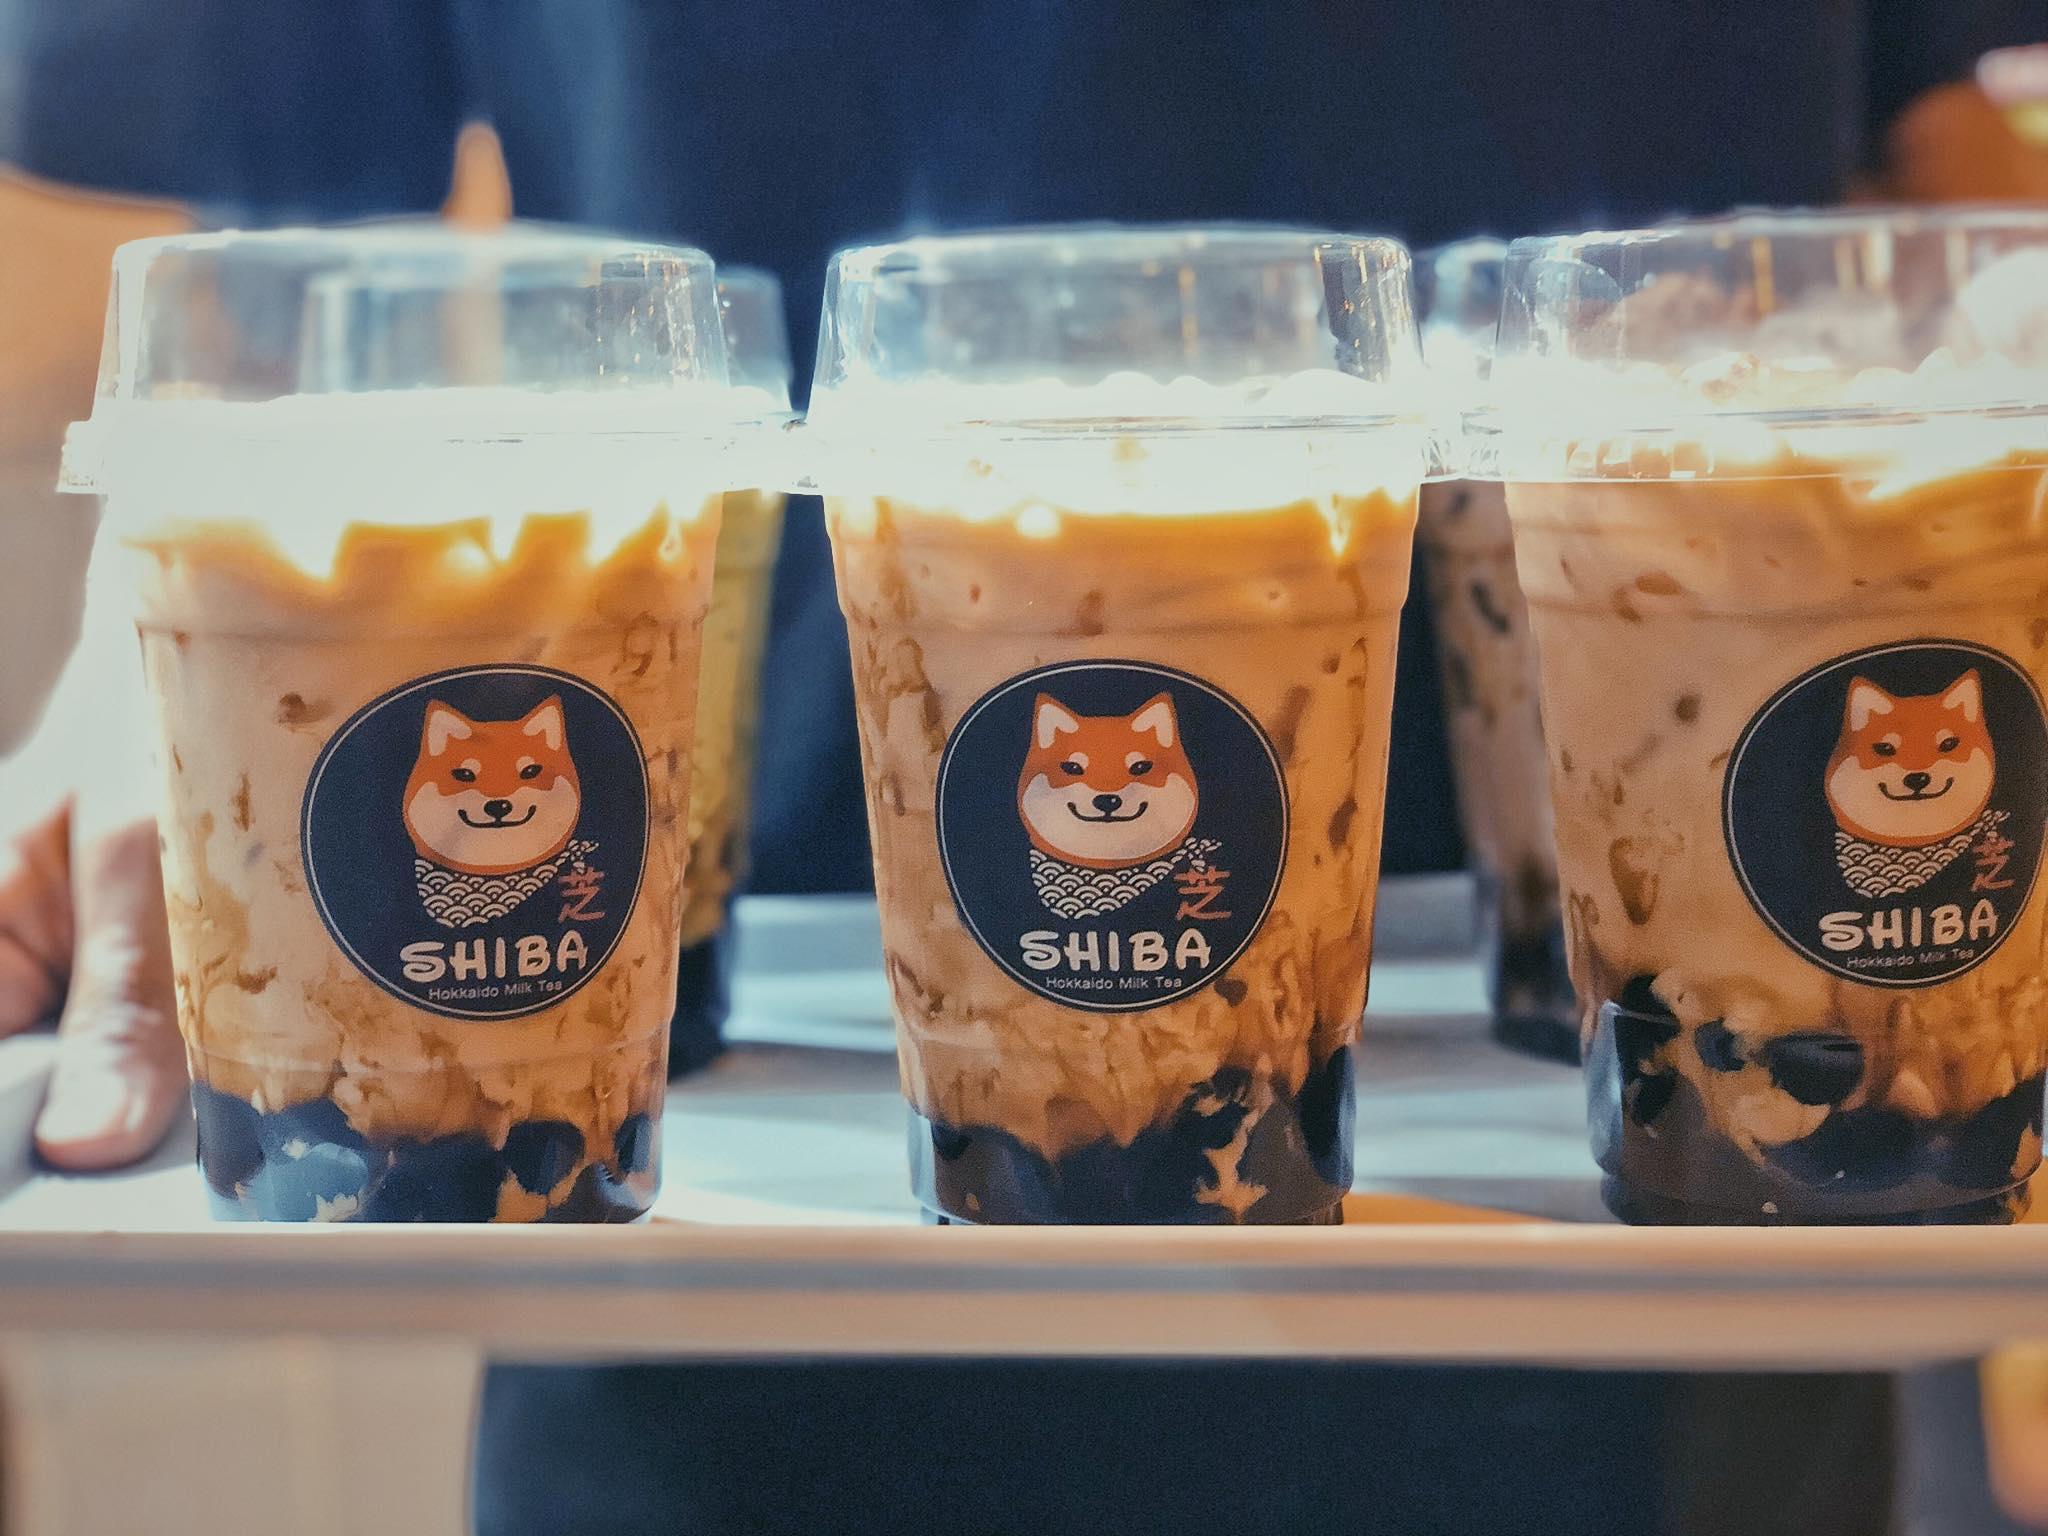 ลองหรือยัง? Shiba Hokkaido Milk Tea Menu เครื่องดื่มที่คนรักชานมไข่มุกต้องติดใจ